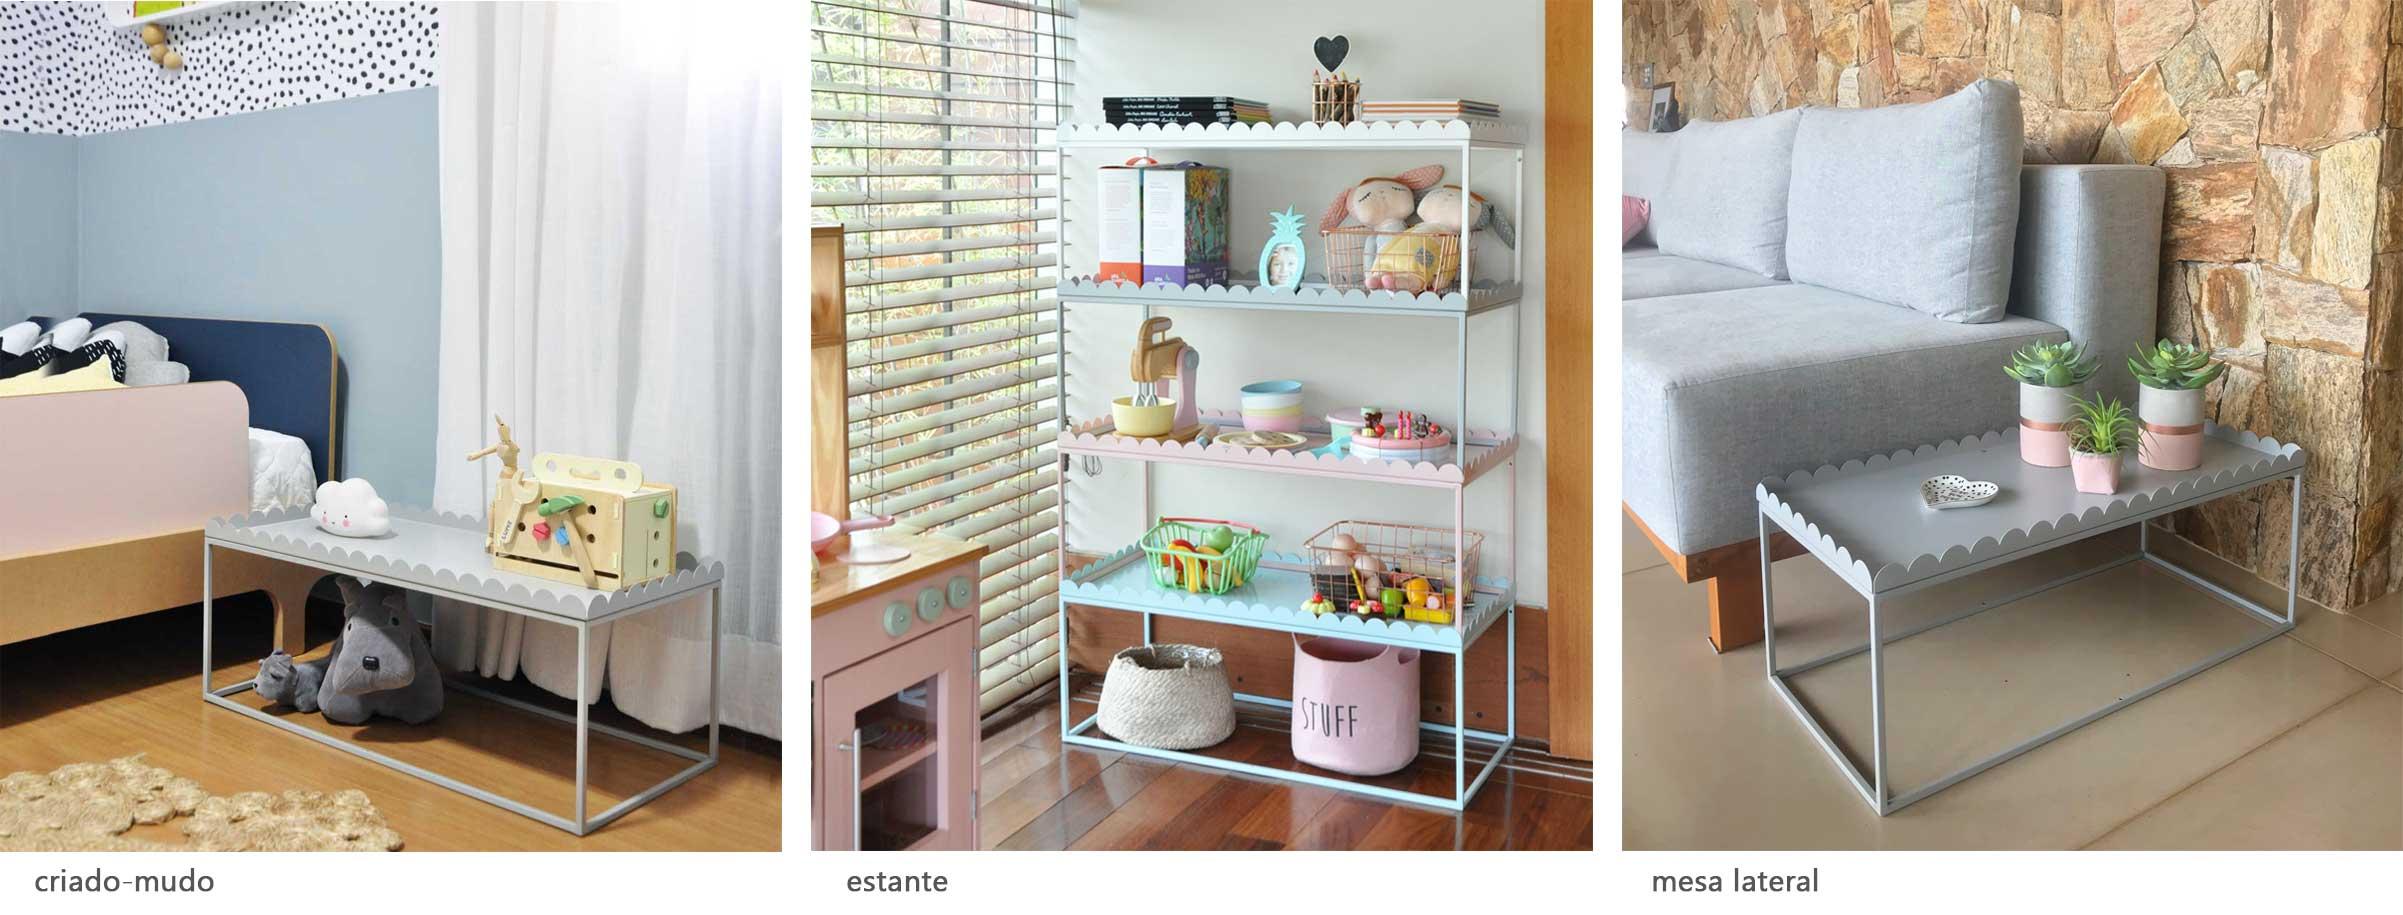 Três imagens ilustrativas: um criado-mudo, uma estante e uma mesa lateral.